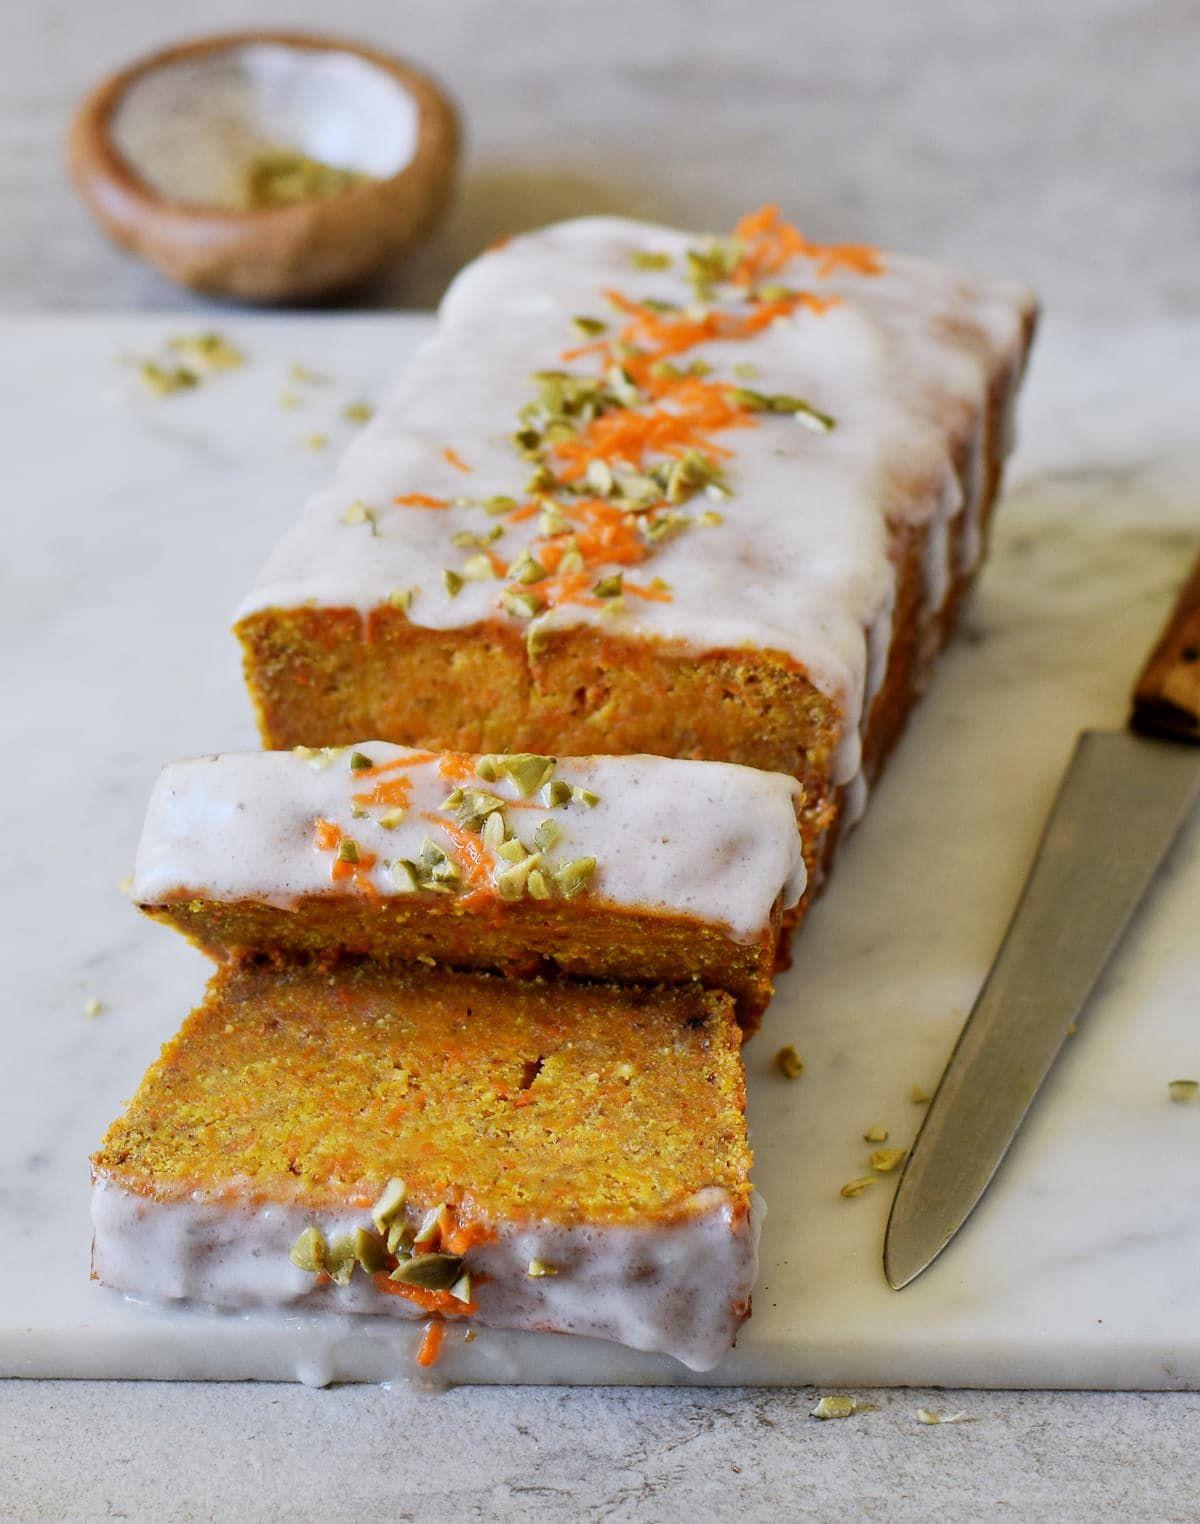 Karottenkuchen vegan, glutenfrei   Möhrenkuchen ohne Zucker - Elavegan